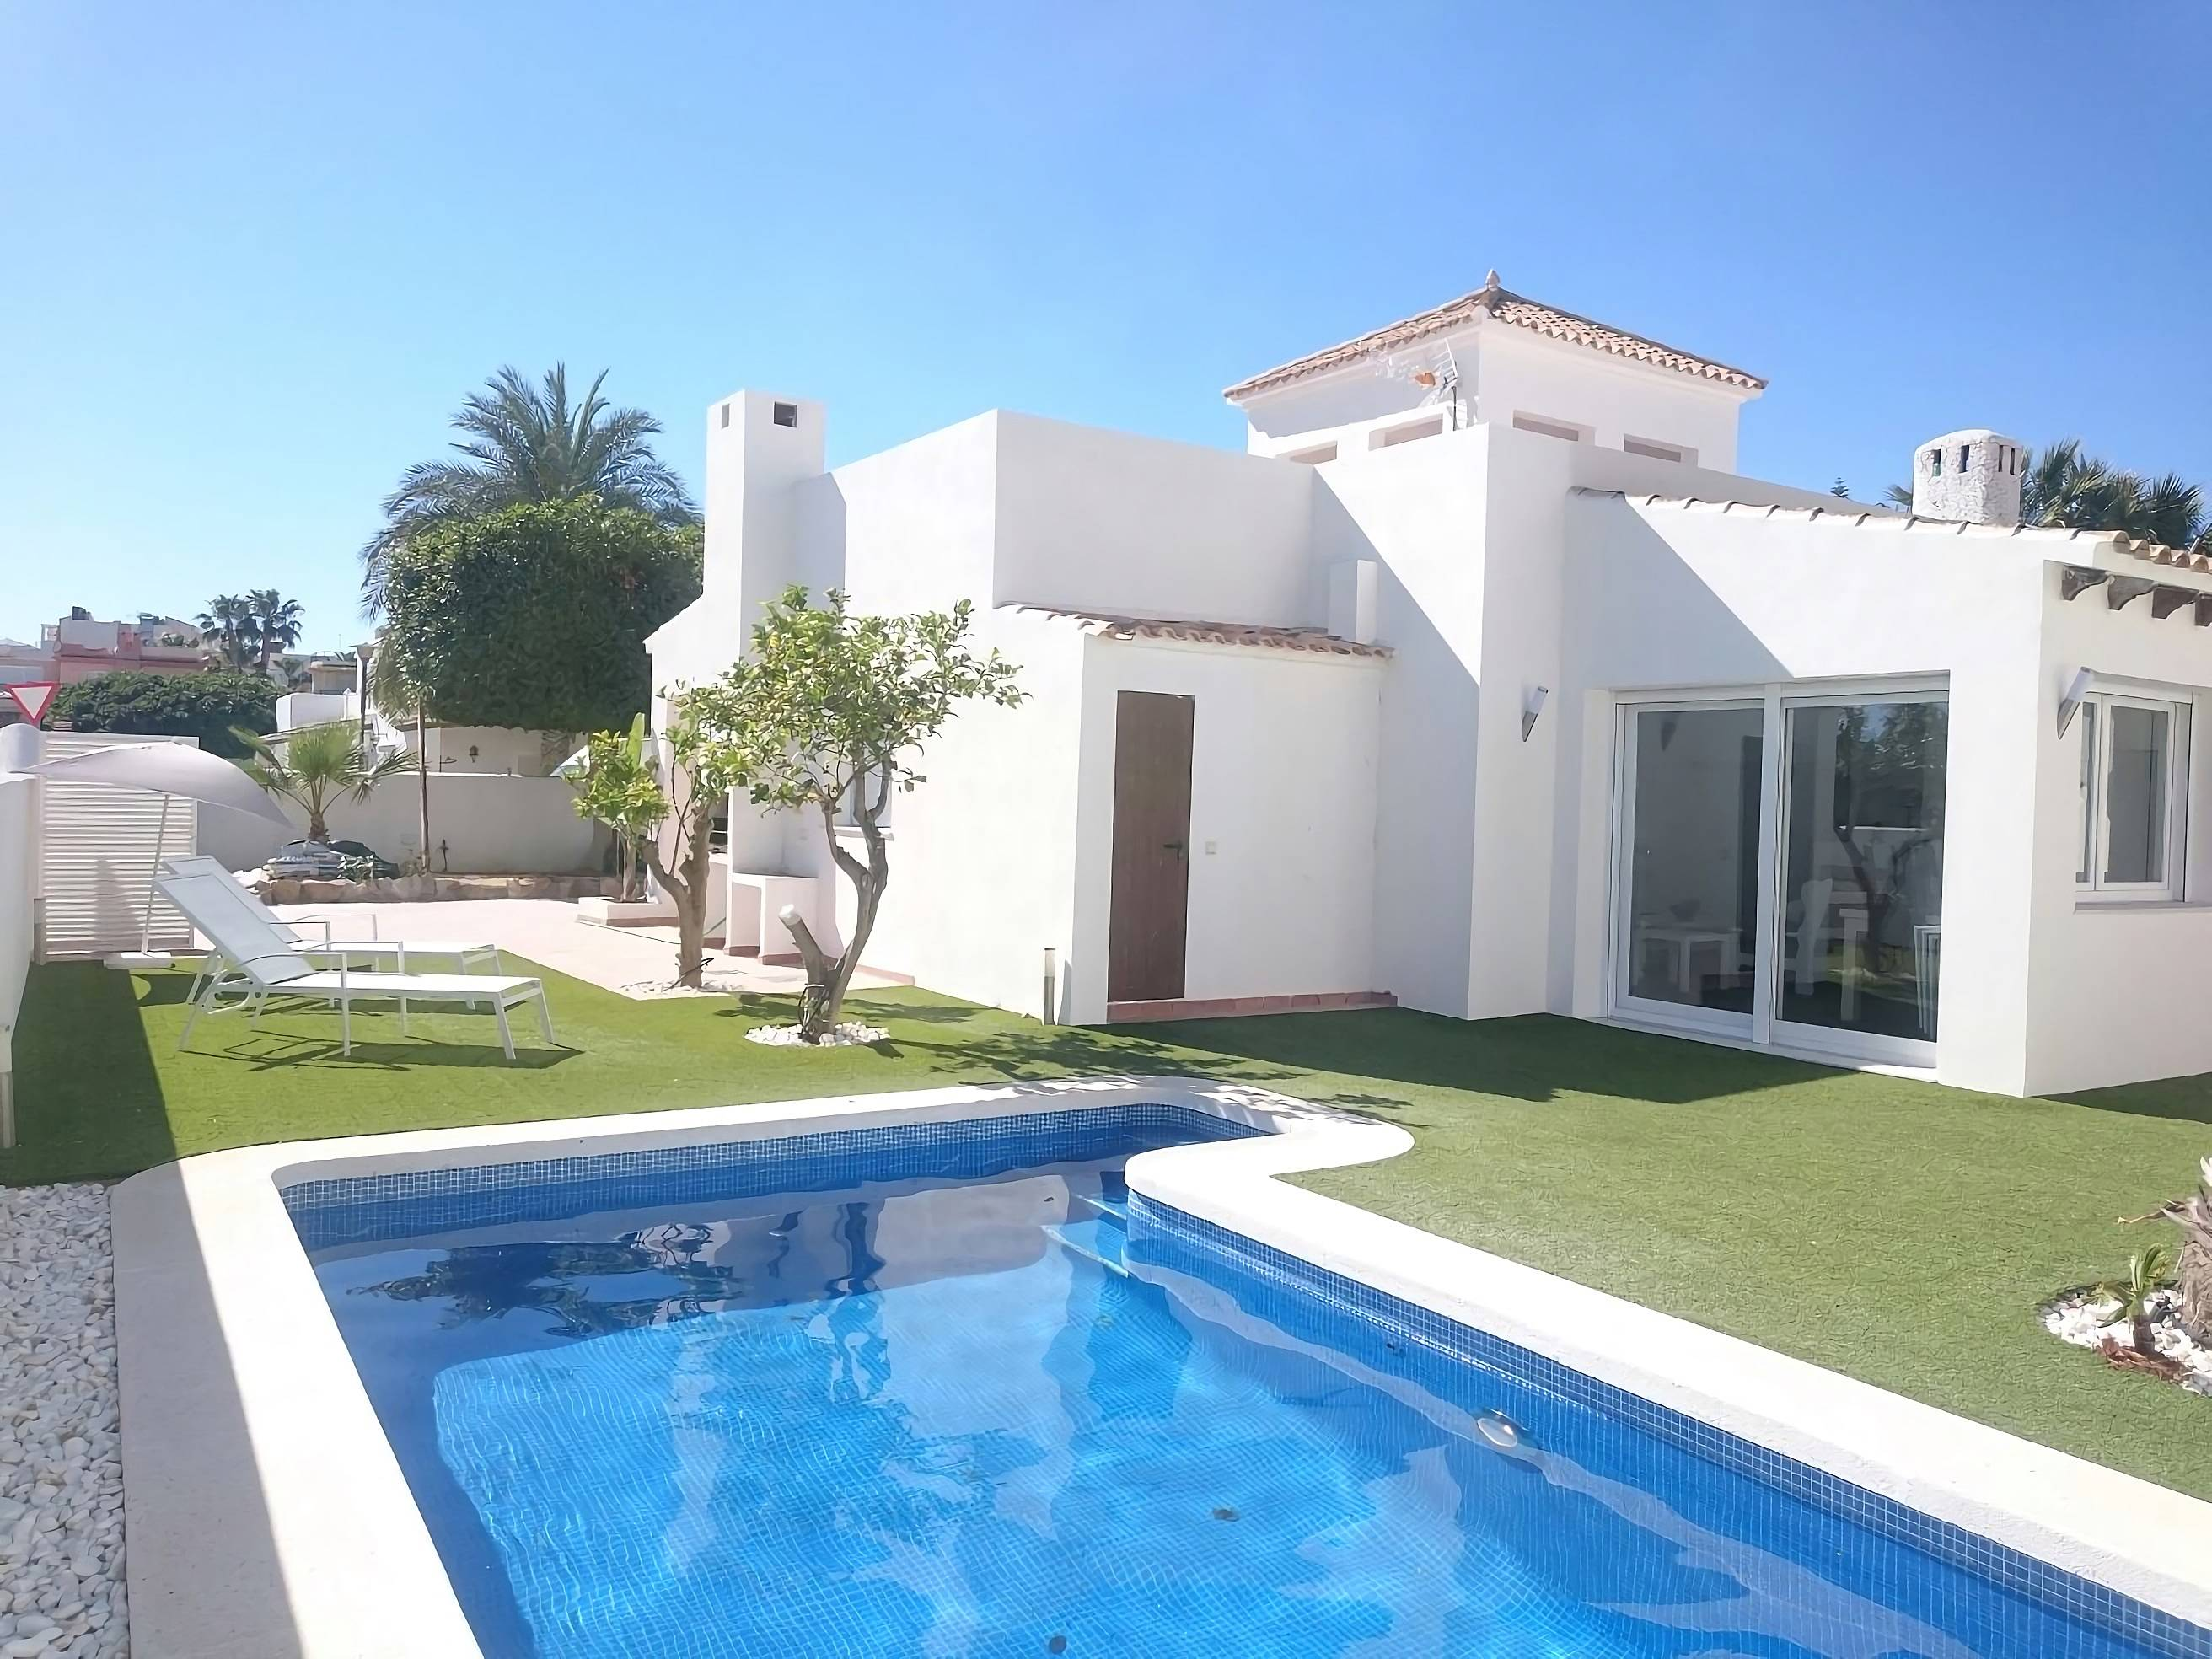 Villa pour 12 personnes 40 m de la plage vera playa for Chalets con piscina para alquilar en verano